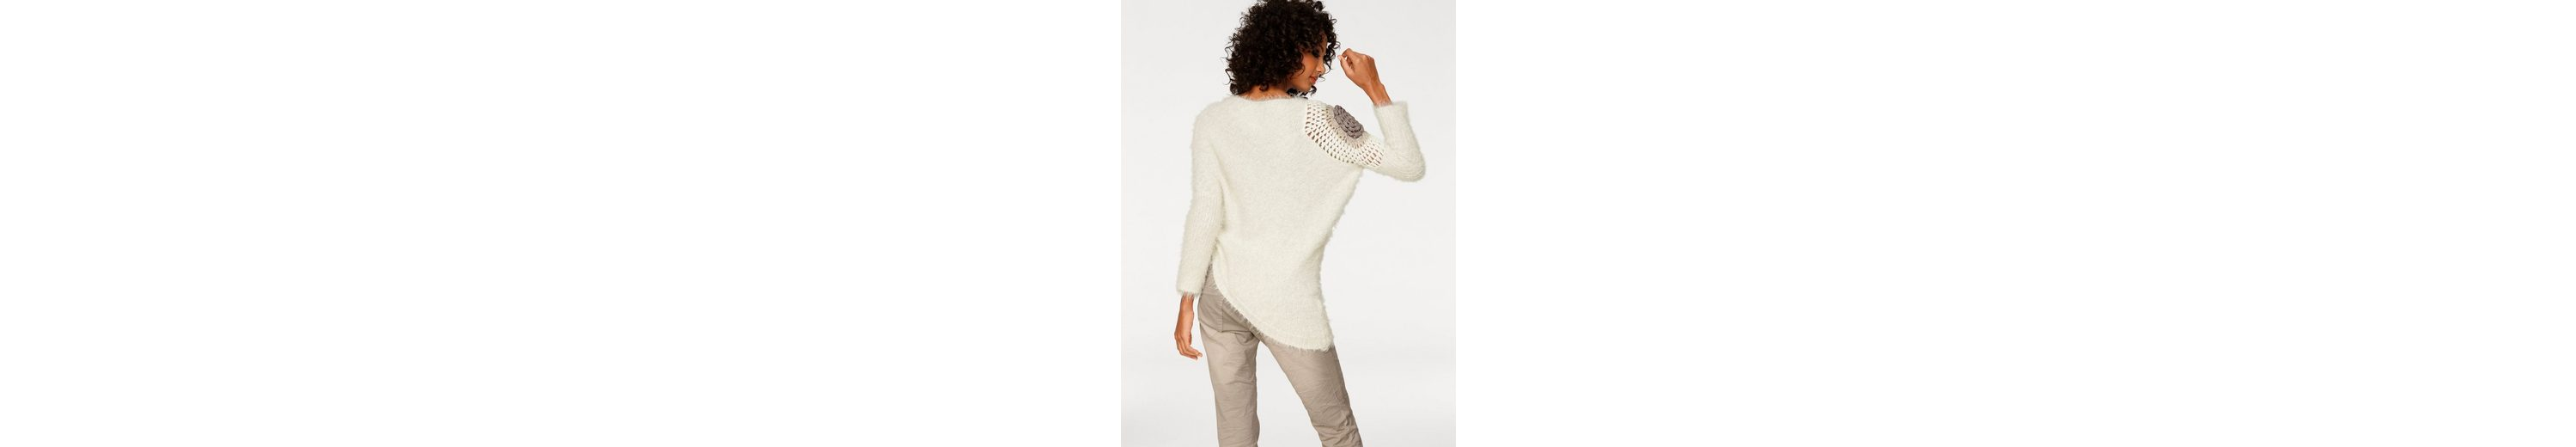 Mit Paypal Verkauf Online LINEA TESINI by Heine Crochetpullover asymmetrische Form Wählen Sie Eine Beste Online Günstig Kaufen Größte Lieferant dp1Y8TYBO